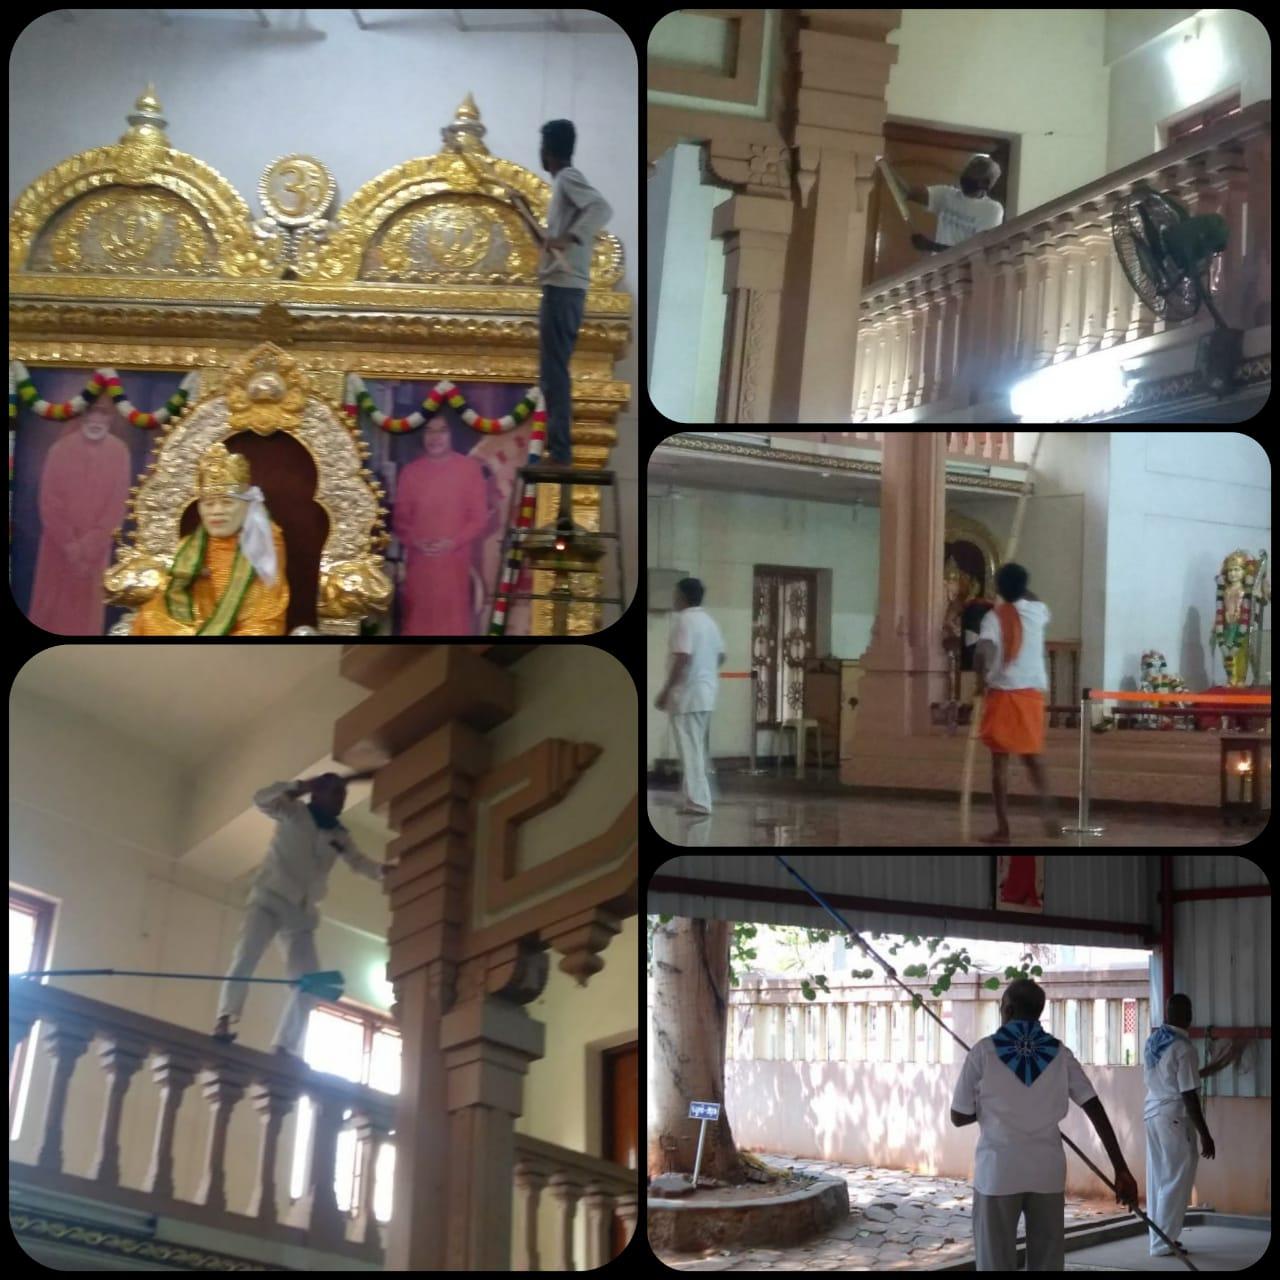 Shramdan at Sri Sathya Sai Anand Nilayam, Madurai